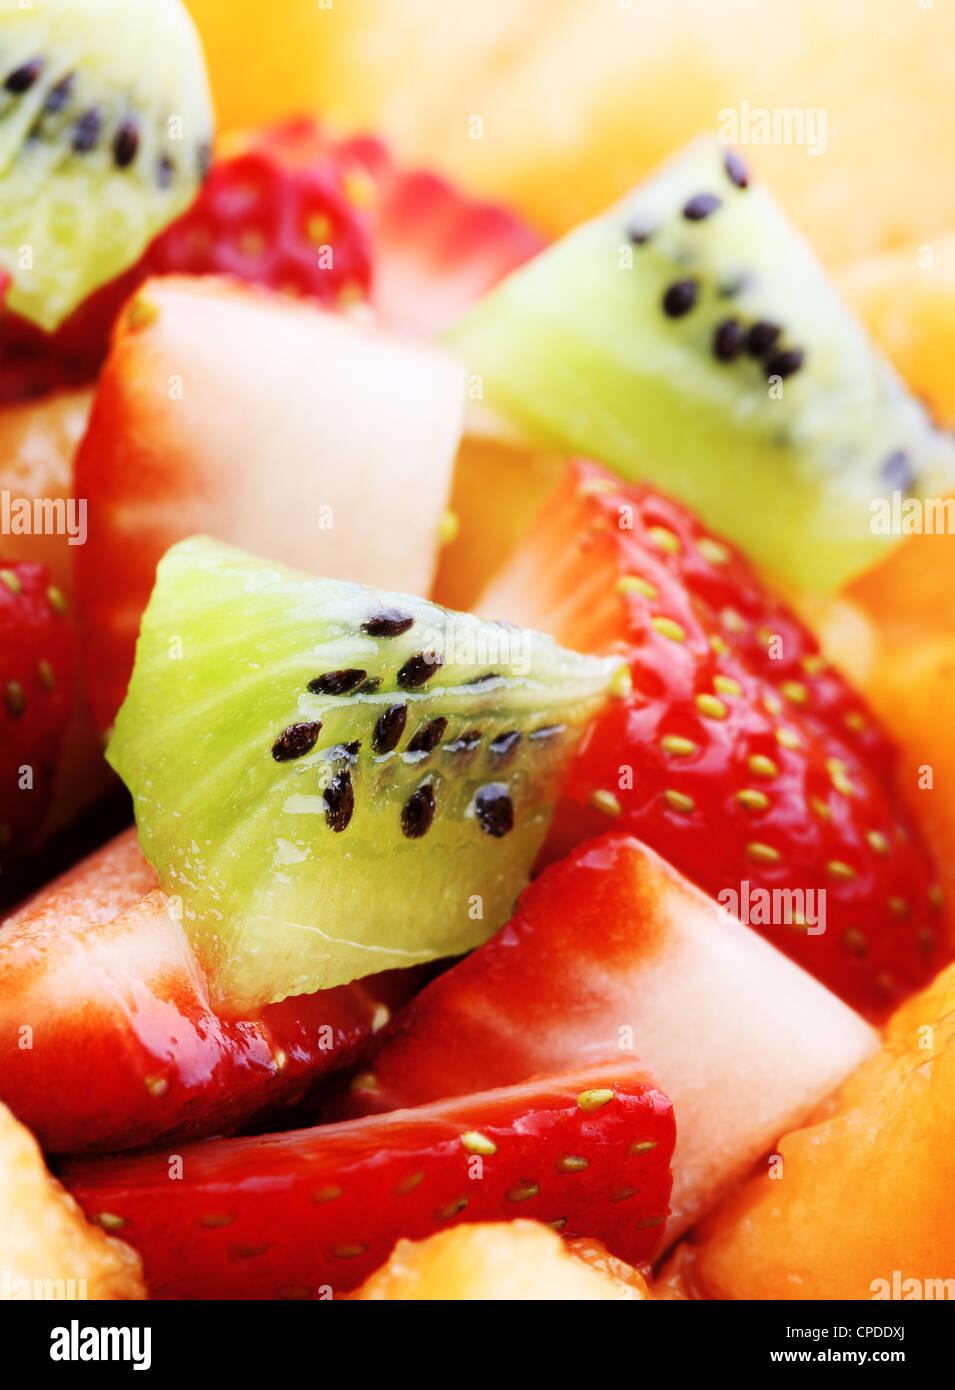 Close-up of Fresh Fruit Salad - Stock Image